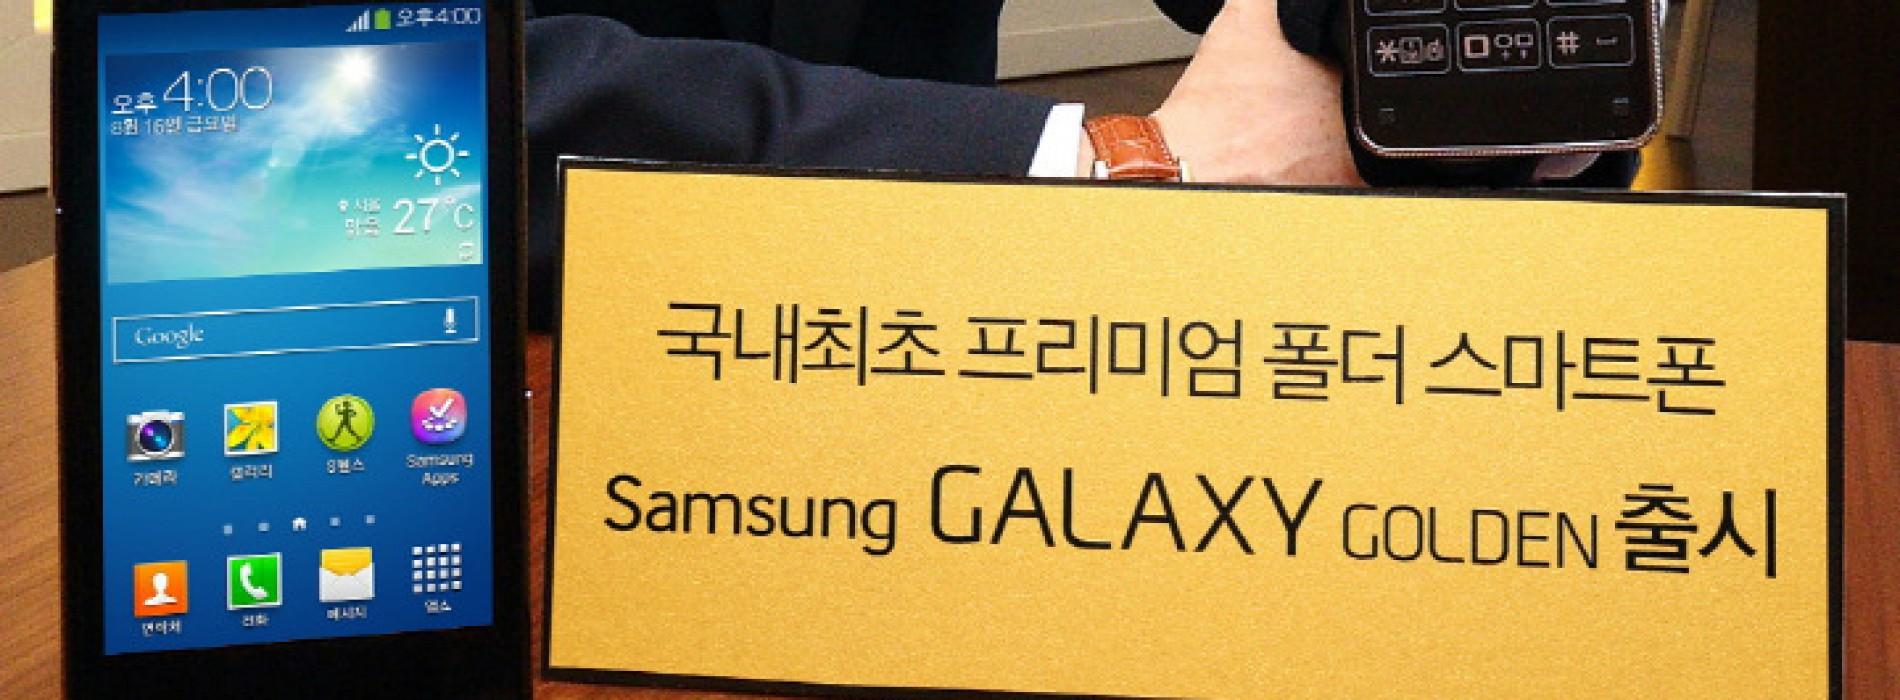 Samsung debuts Galaxy Golden flip phone for Korea